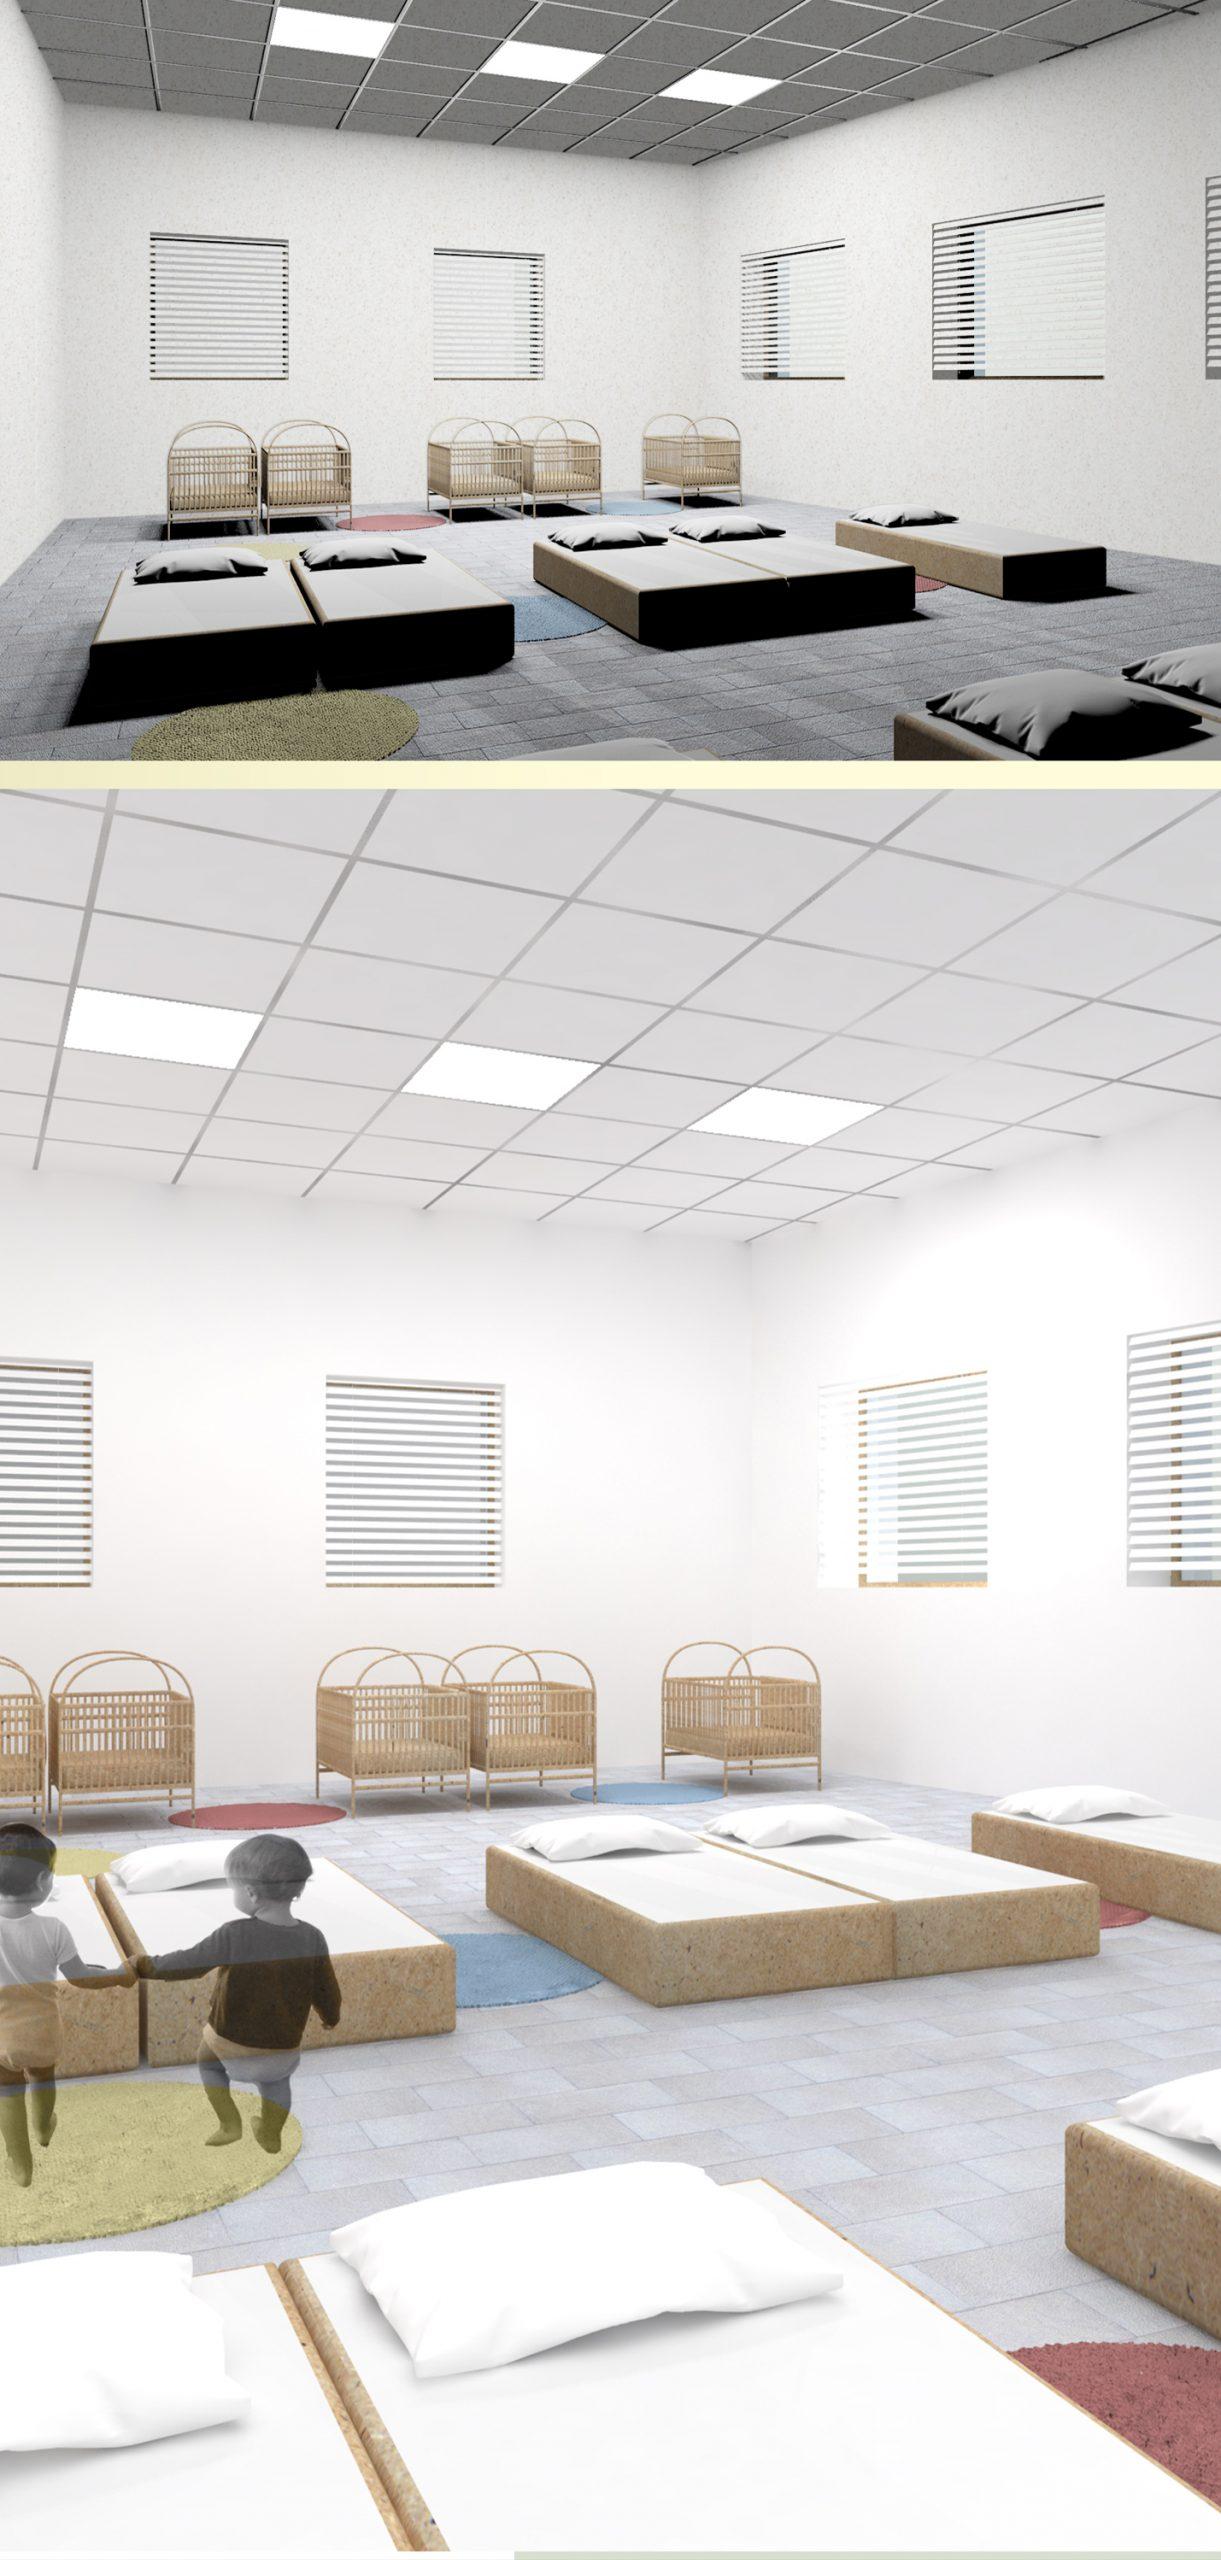 3 luci dimmerabili - stanza del sonno